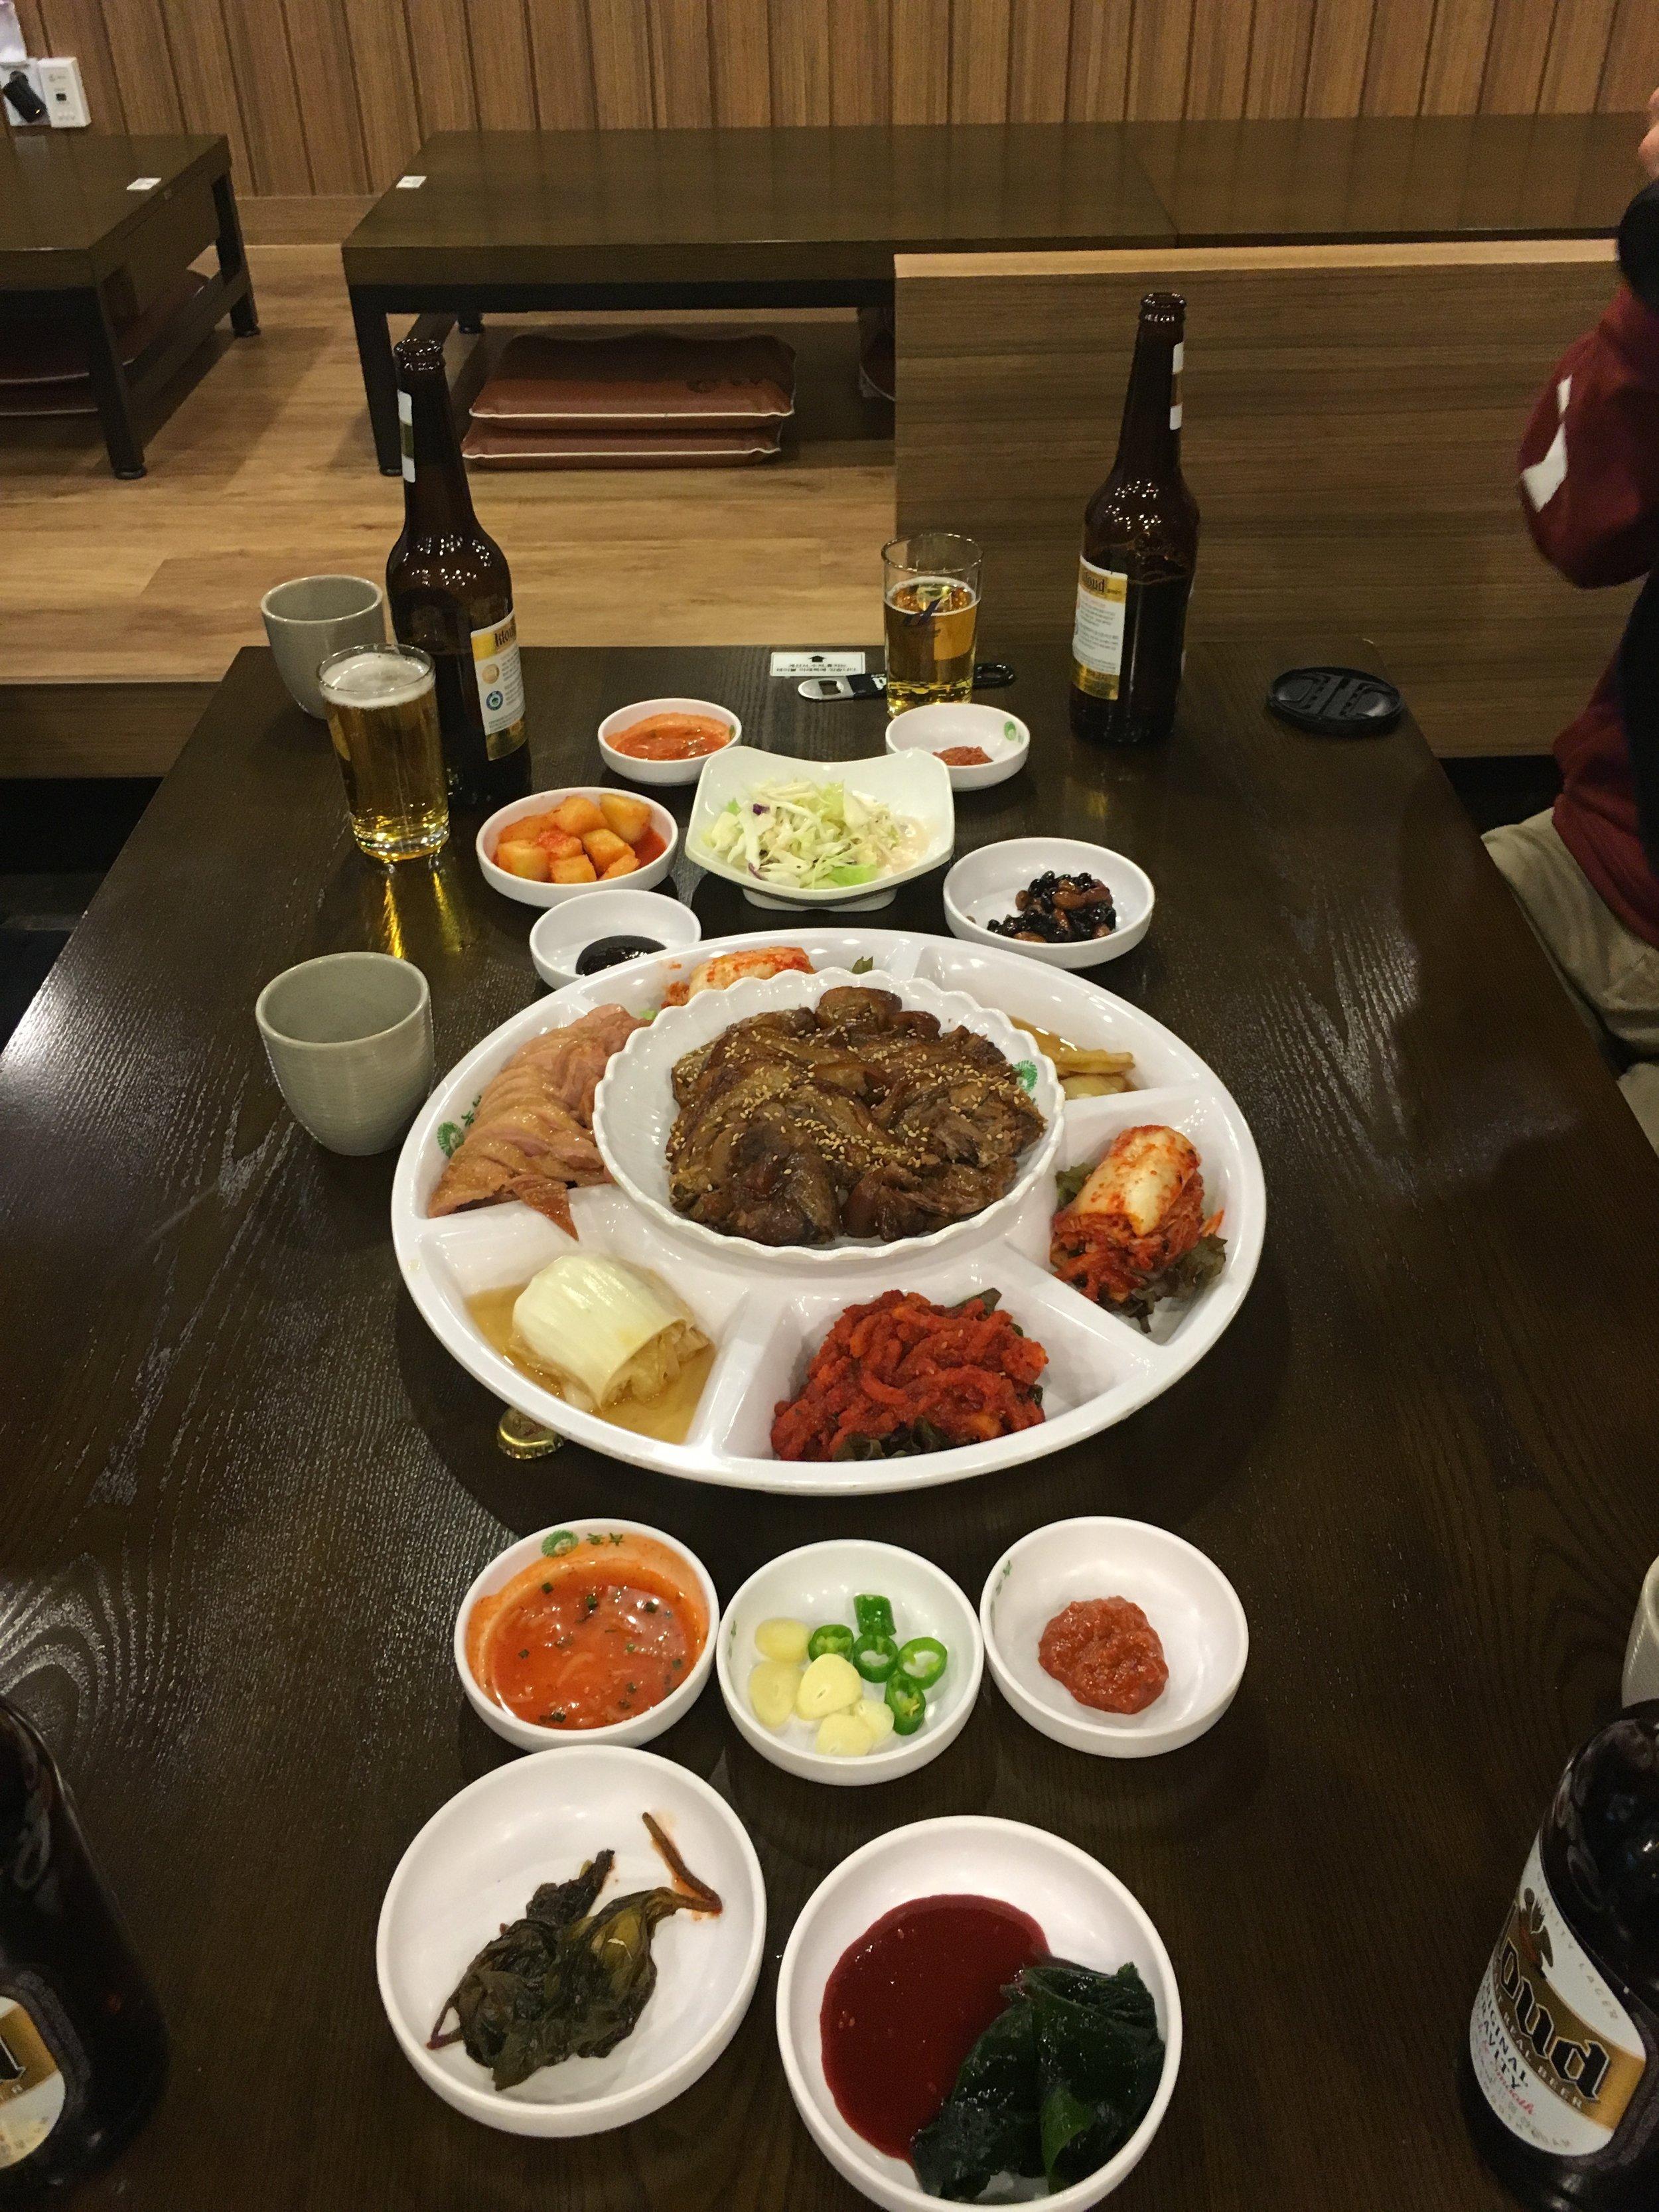 Duck, Pork, and plenty of Kimchi!